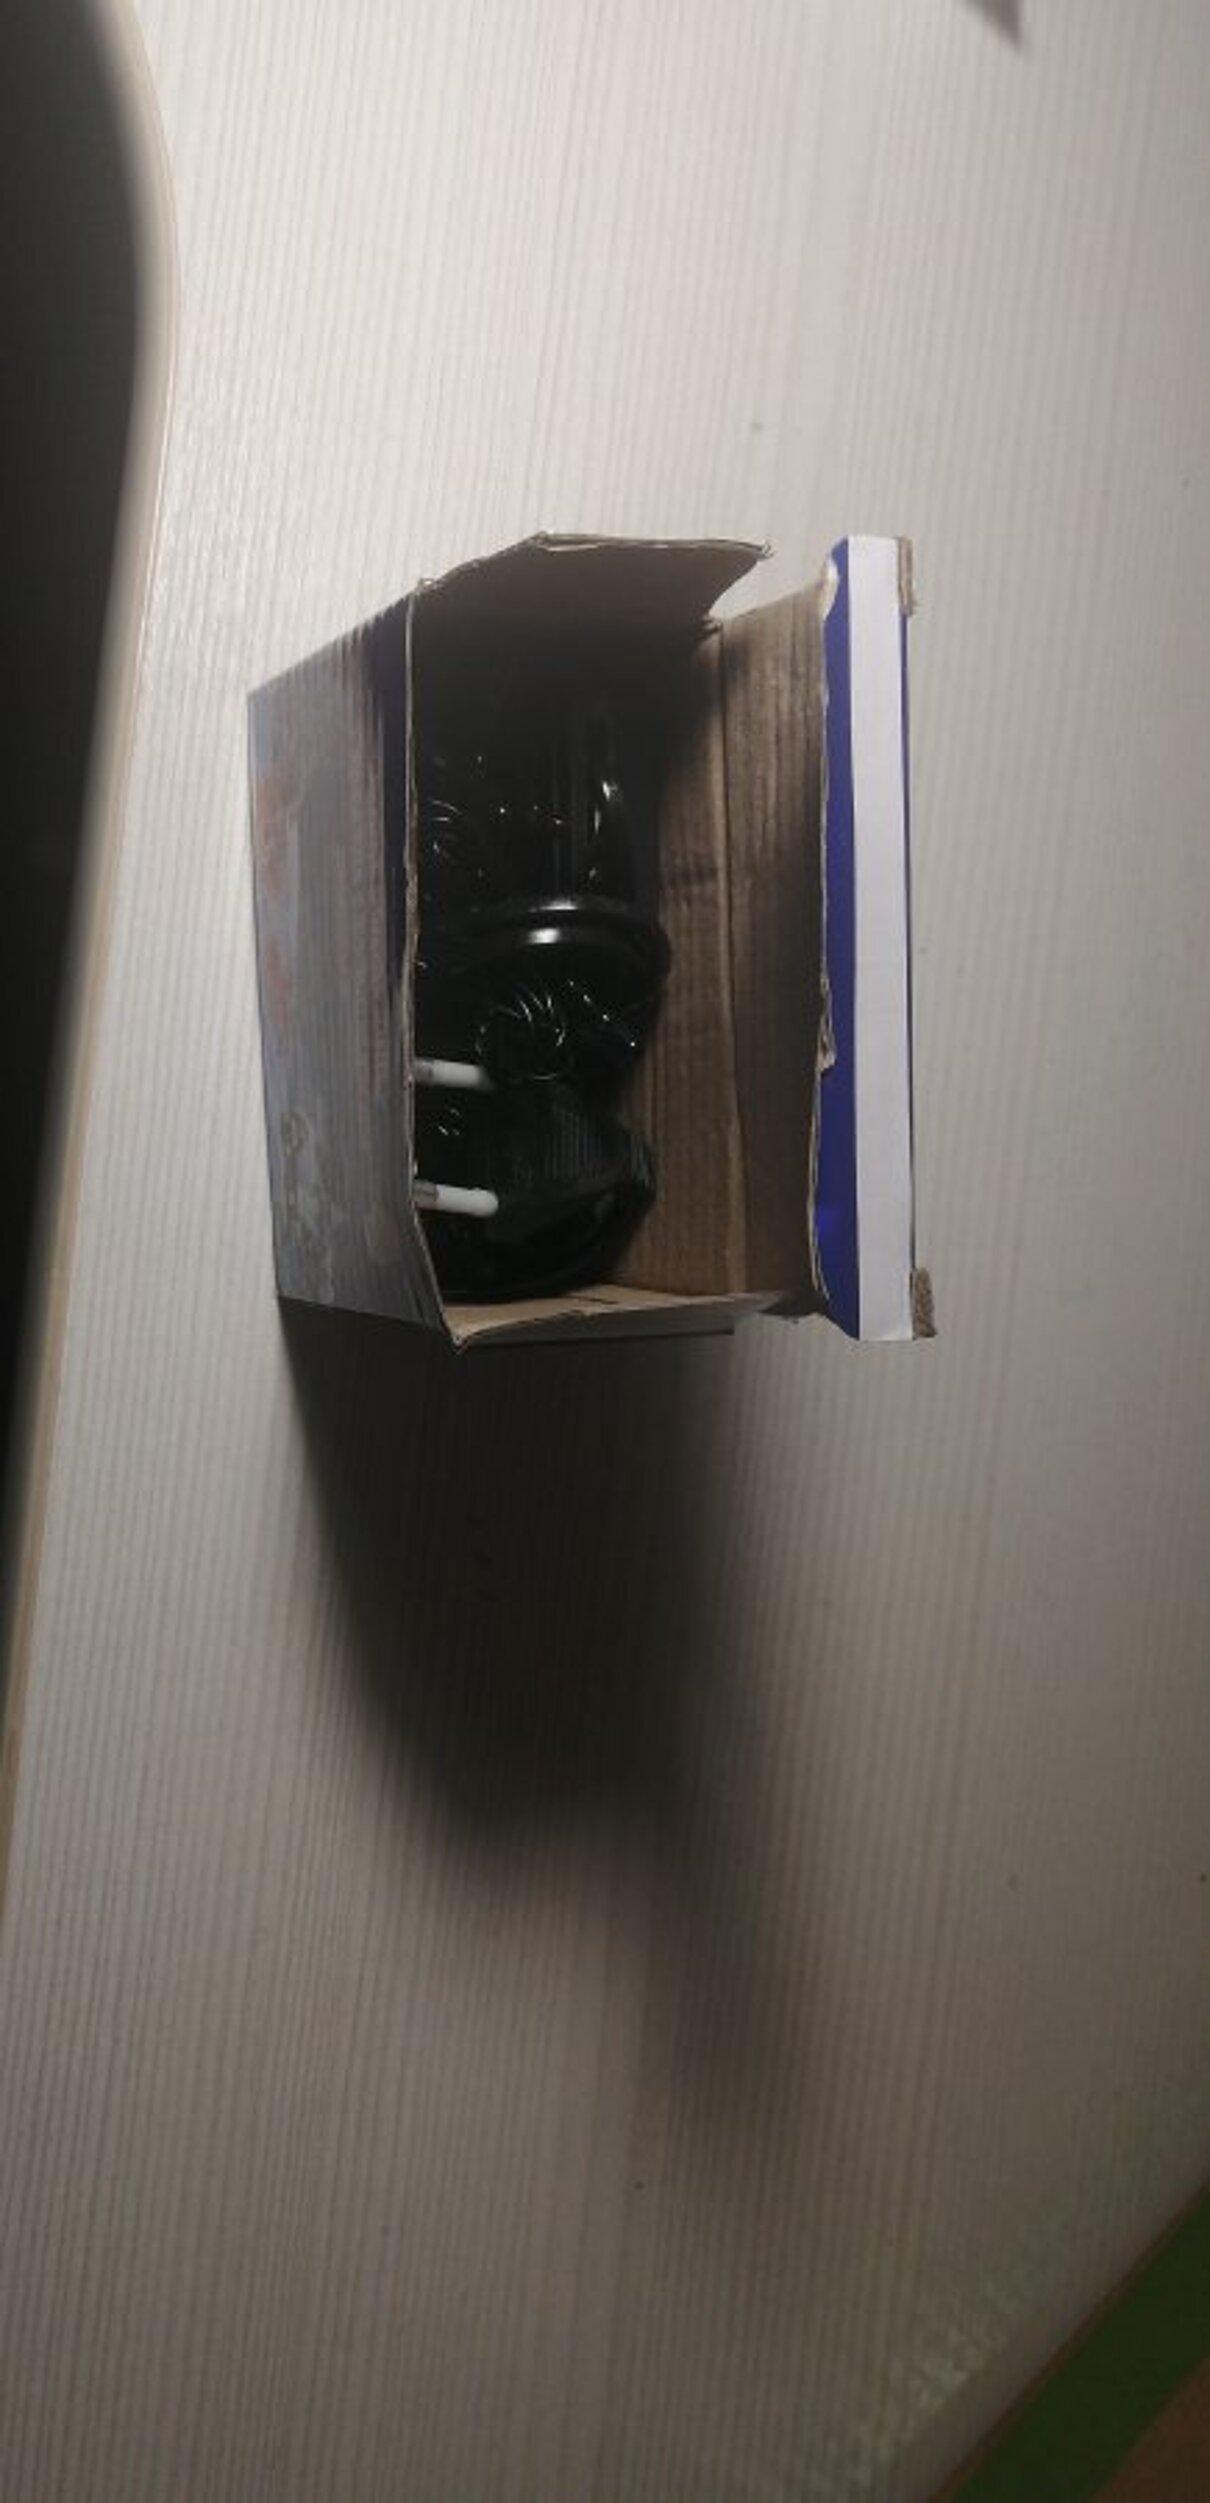 Жалоба-отзыв: 8474 MOBIMONEY, ул. Почтовая Б, д.55/59, стр.1 подвал, пом. 1, ком.12 Заявление (претензия) на возврат денег за посылку - Не соответствие товара.  Фото №3